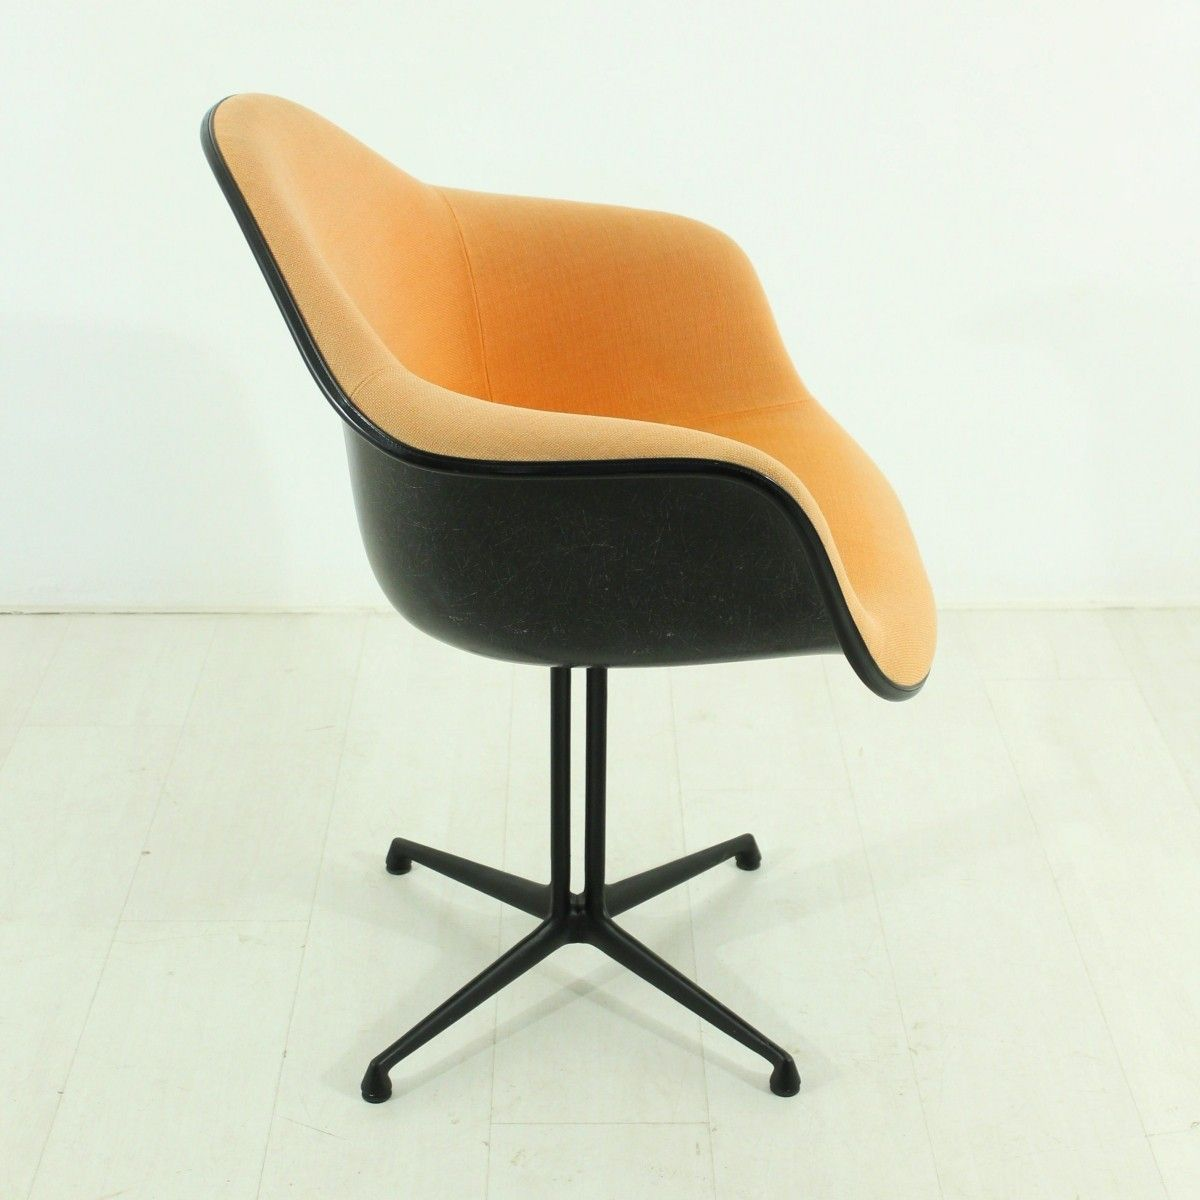 chaise terracotta la fonda vintage par charles ray eames pour vitra en vente sur pamono. Black Bedroom Furniture Sets. Home Design Ideas